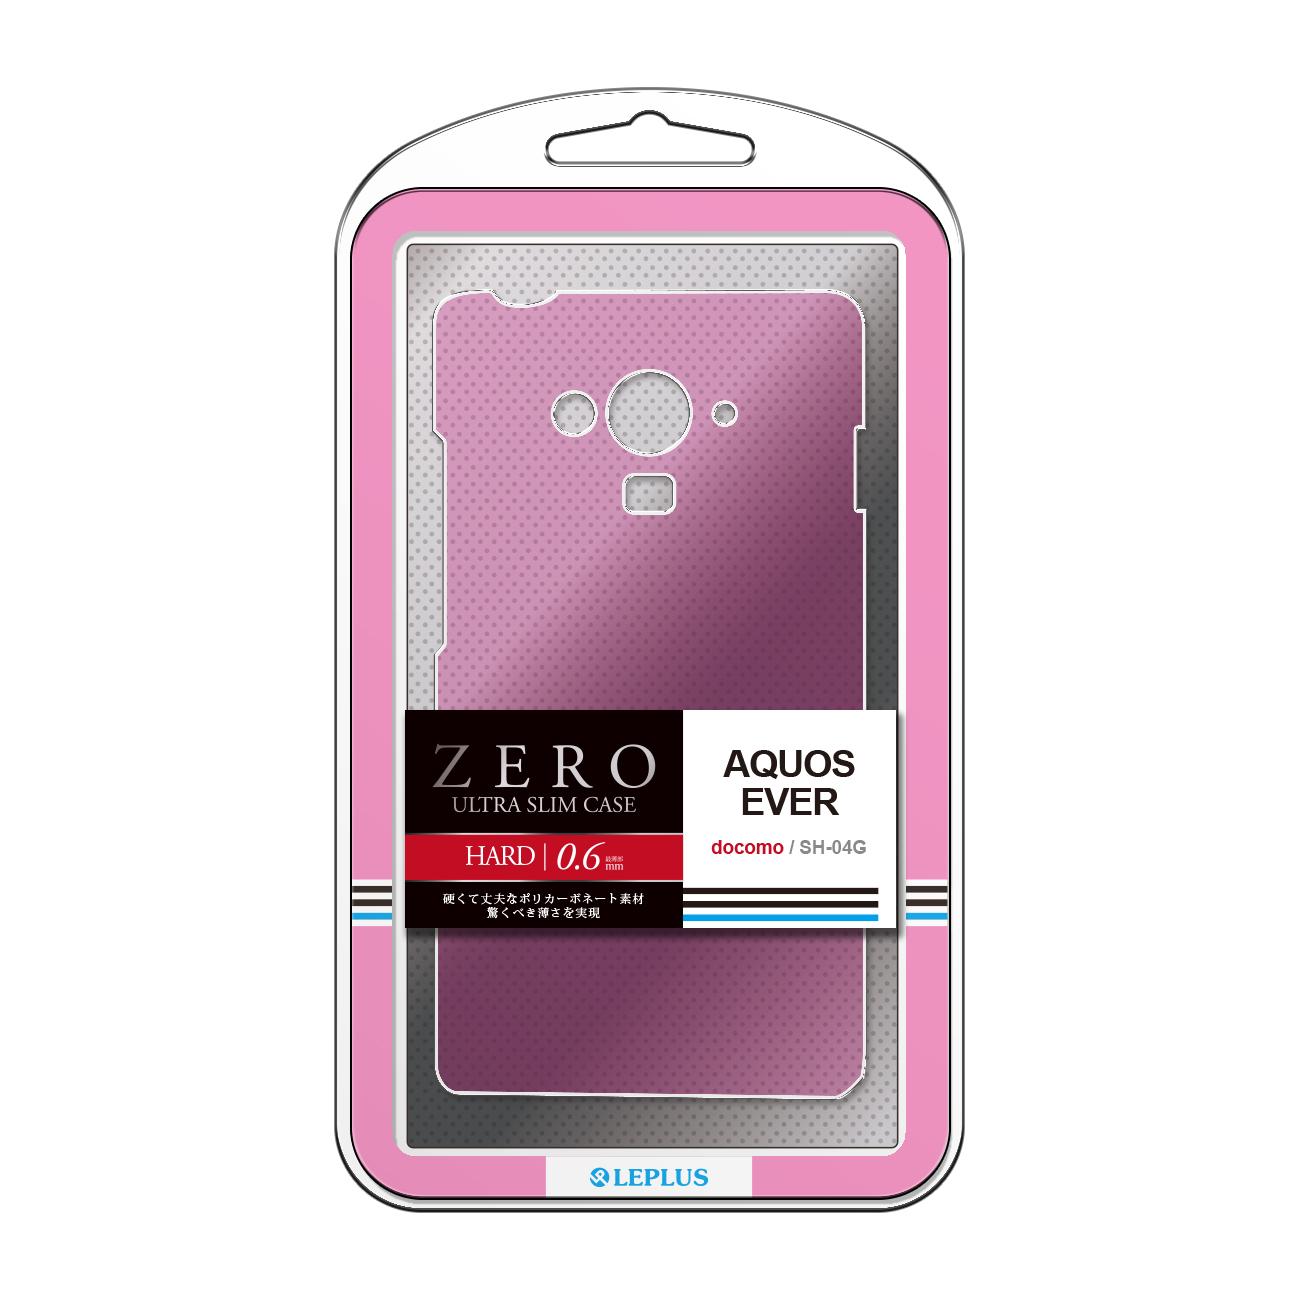 AQUOS EVER SH-04G 超極薄ハードケース「ZERO HARD」 クリアピンク